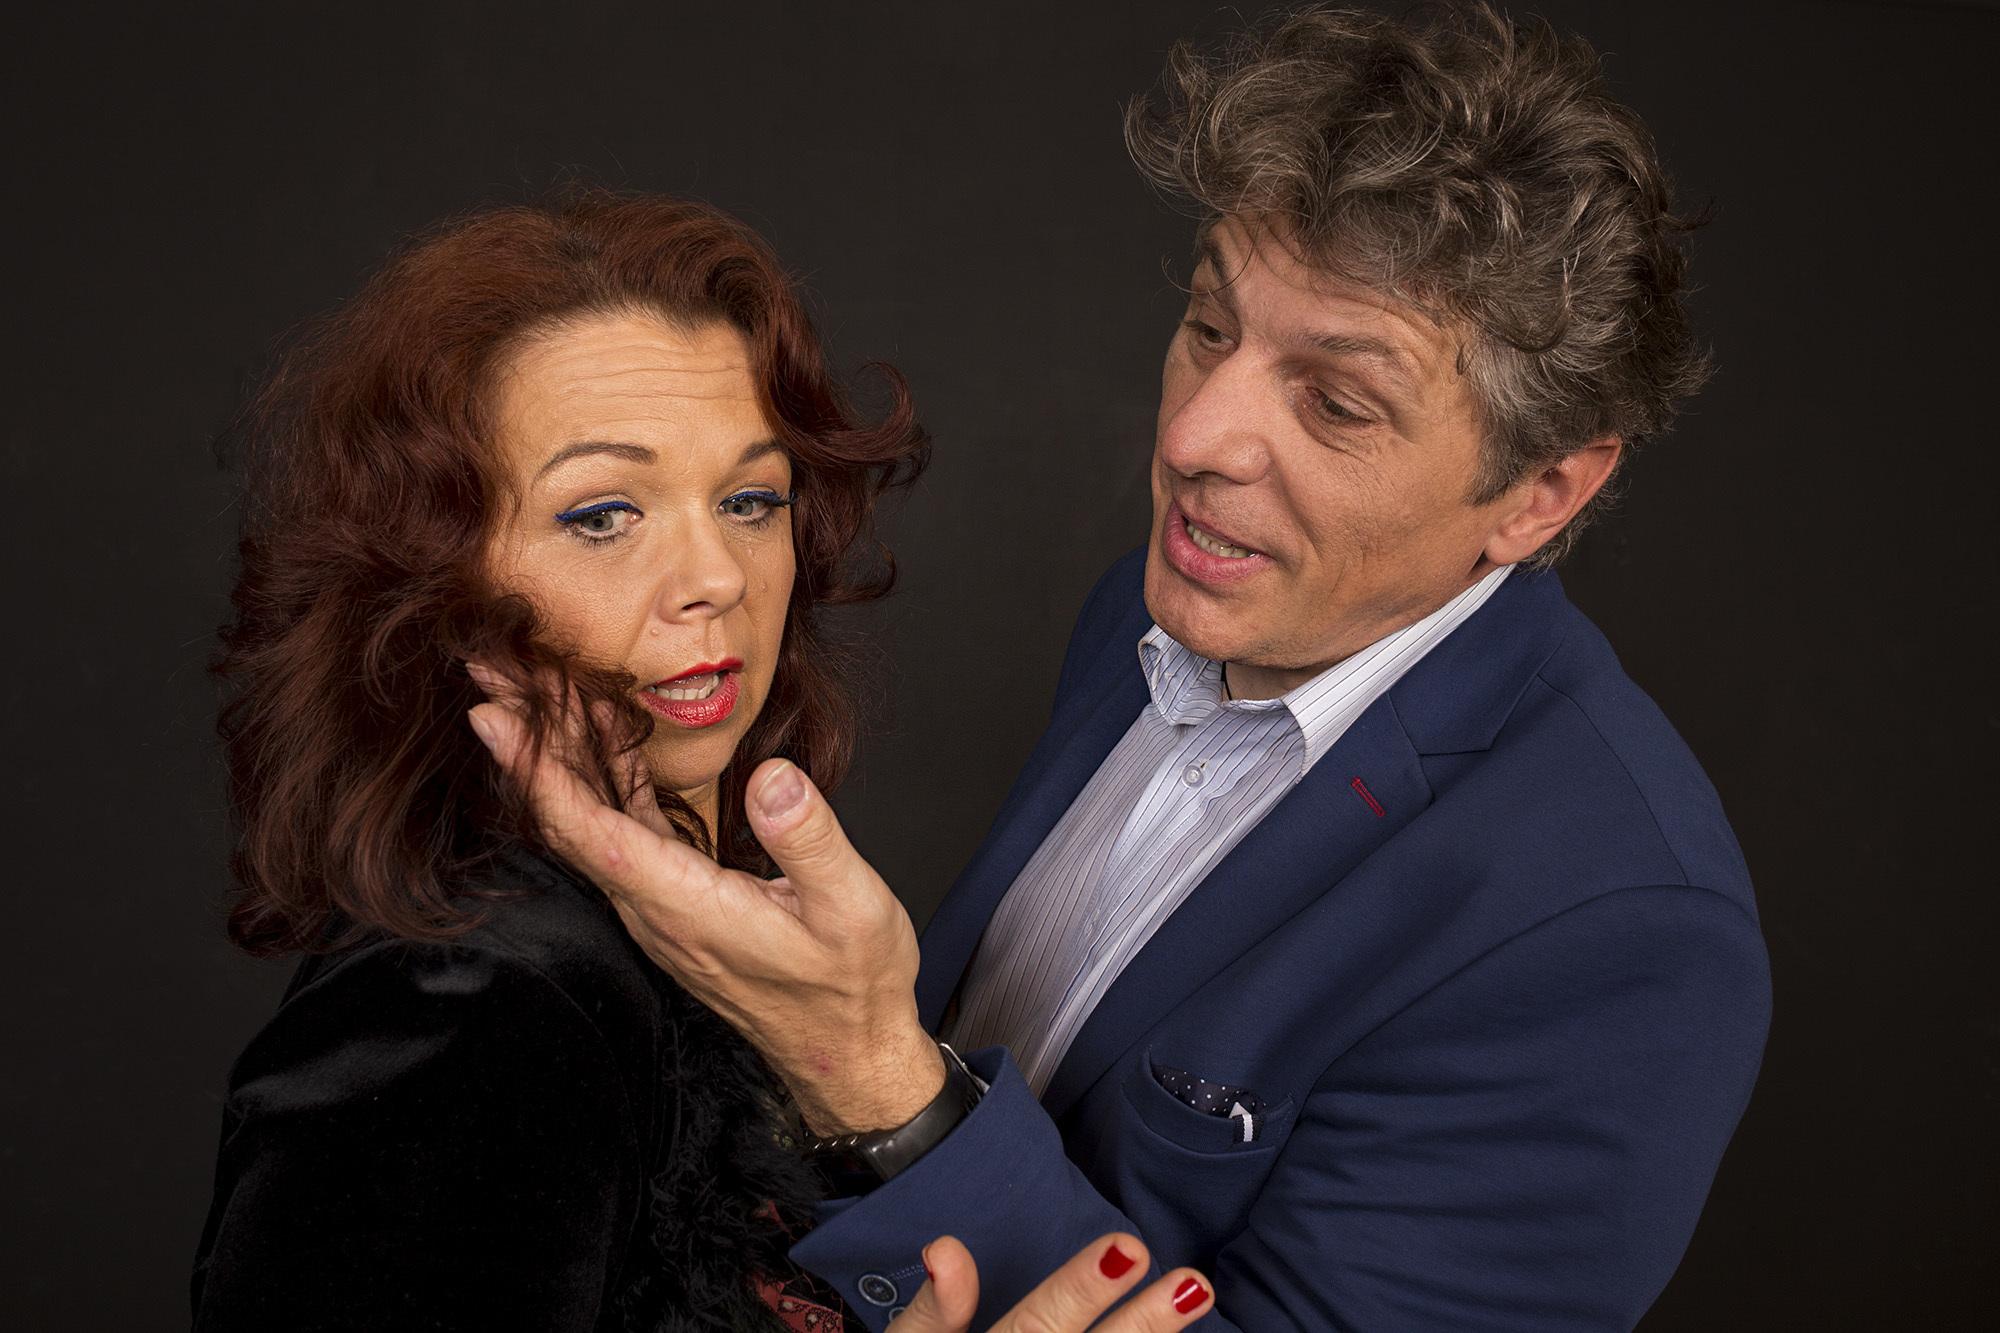 twoje randki tango online nowe serwisy randkowe Nowa Zelandia